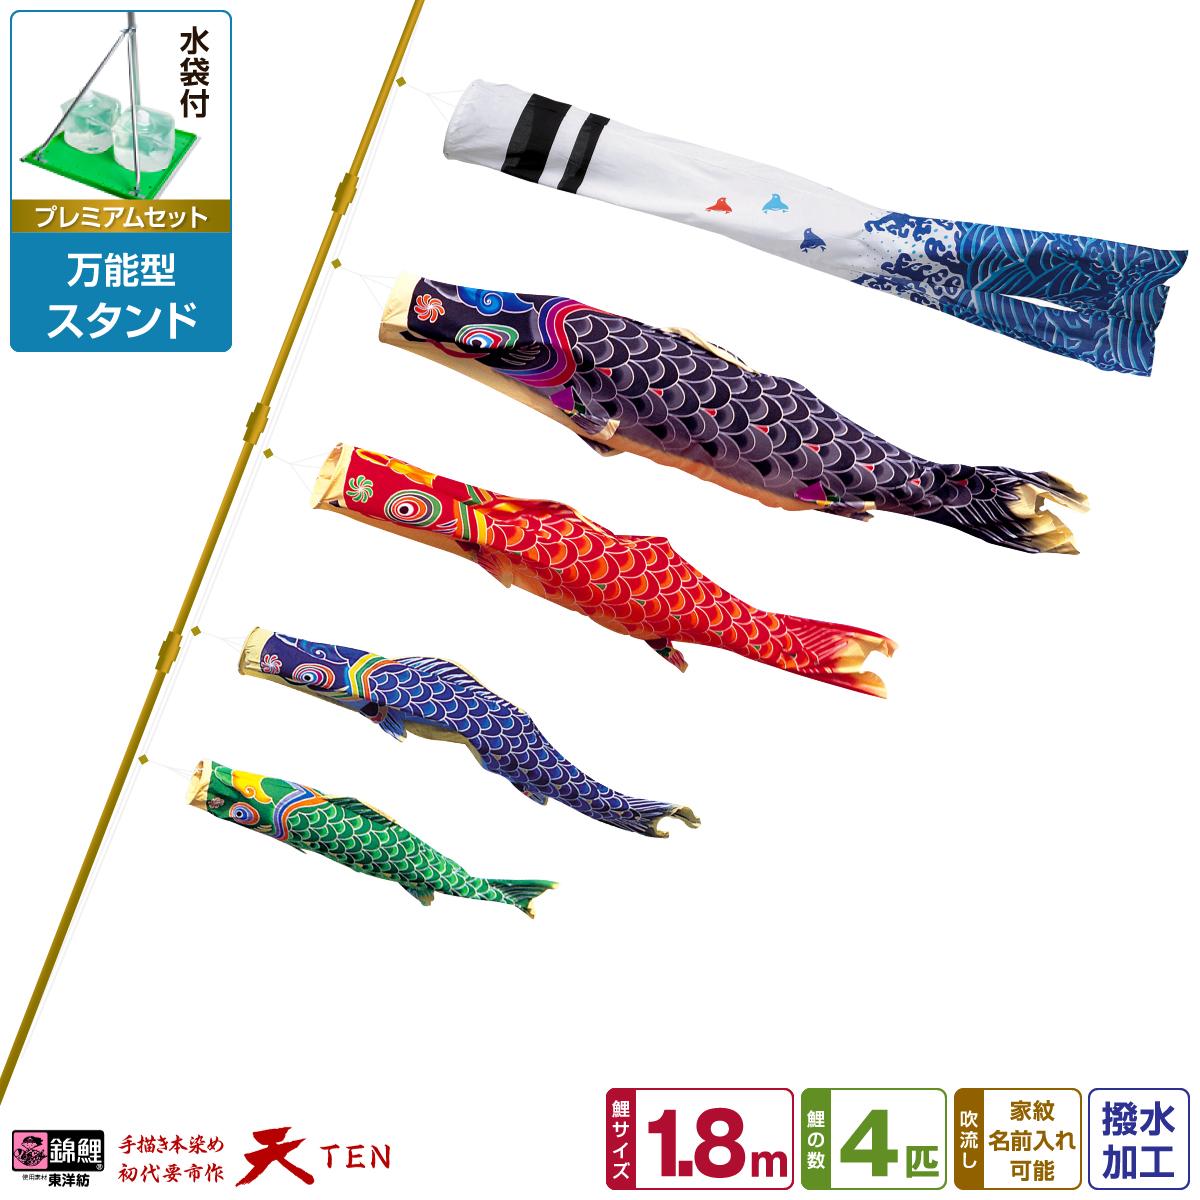 ベランダ用 こいのぼり 鯉のぼり 手描き本染め鯉のぼり 天 1.8m (1間) 7点(吹流し+鯉4匹+矢車+ロープ)/プレミアムセット(万能スタンド)